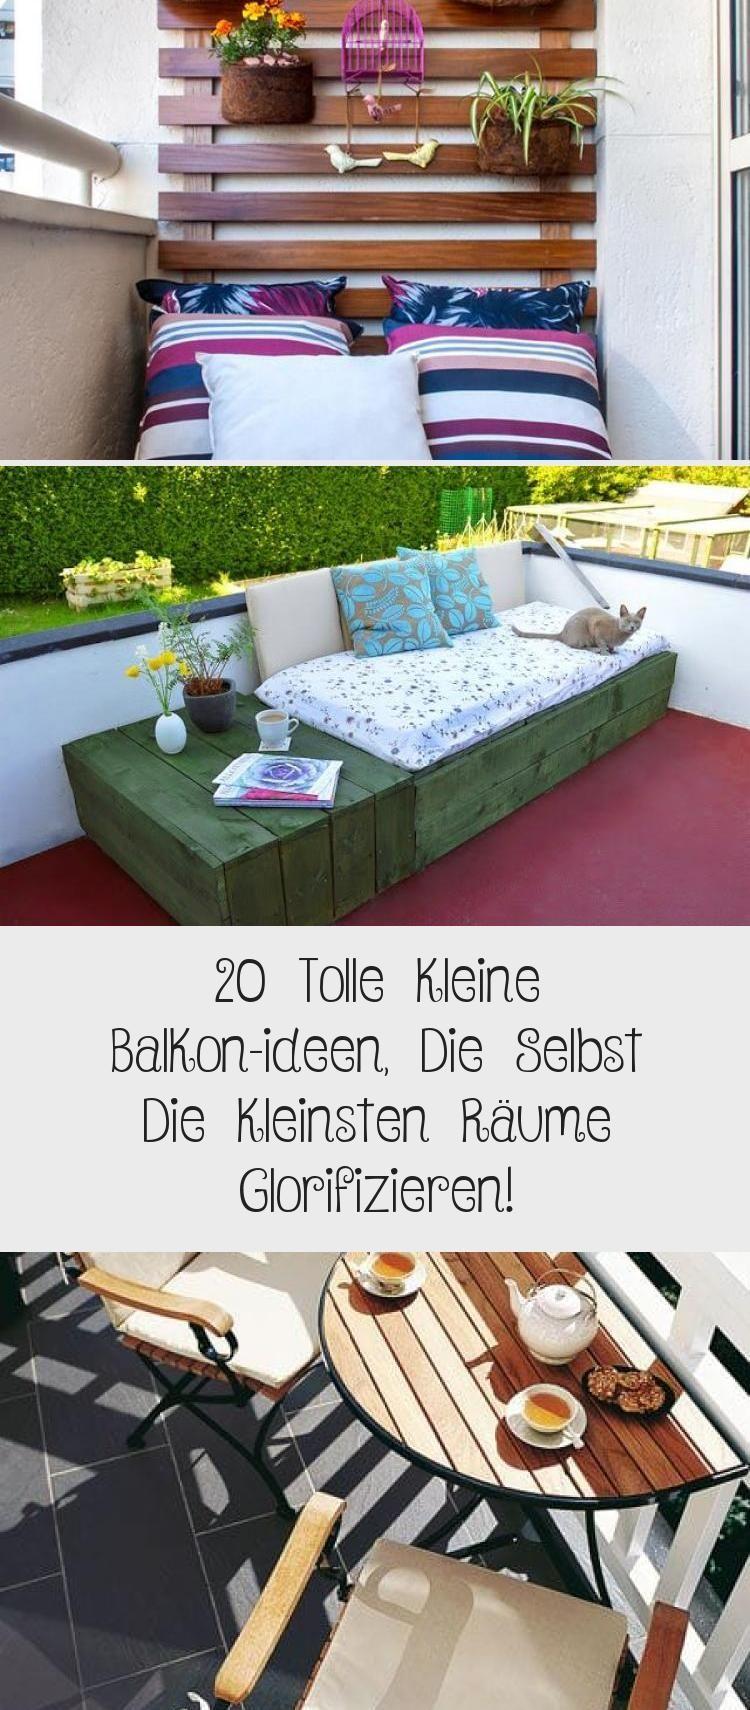 2 Skandinavische Apartments Fur Junge Familien 2020